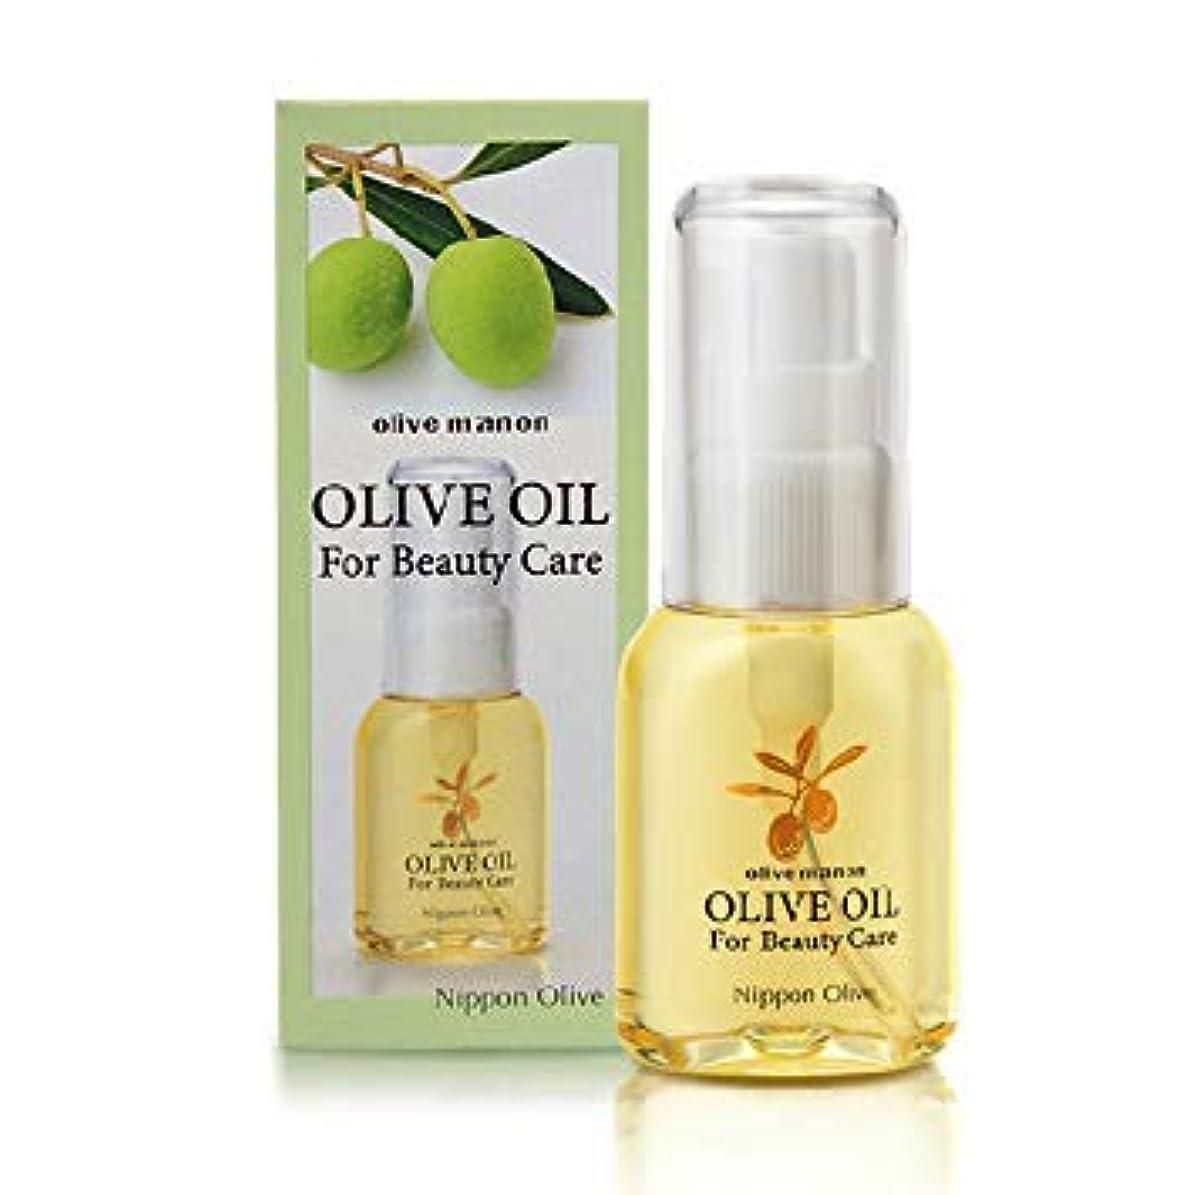 排除吐く公式日本オリーブ オリーブマノン 化粧用オリーブオイル 30ml 5個セット